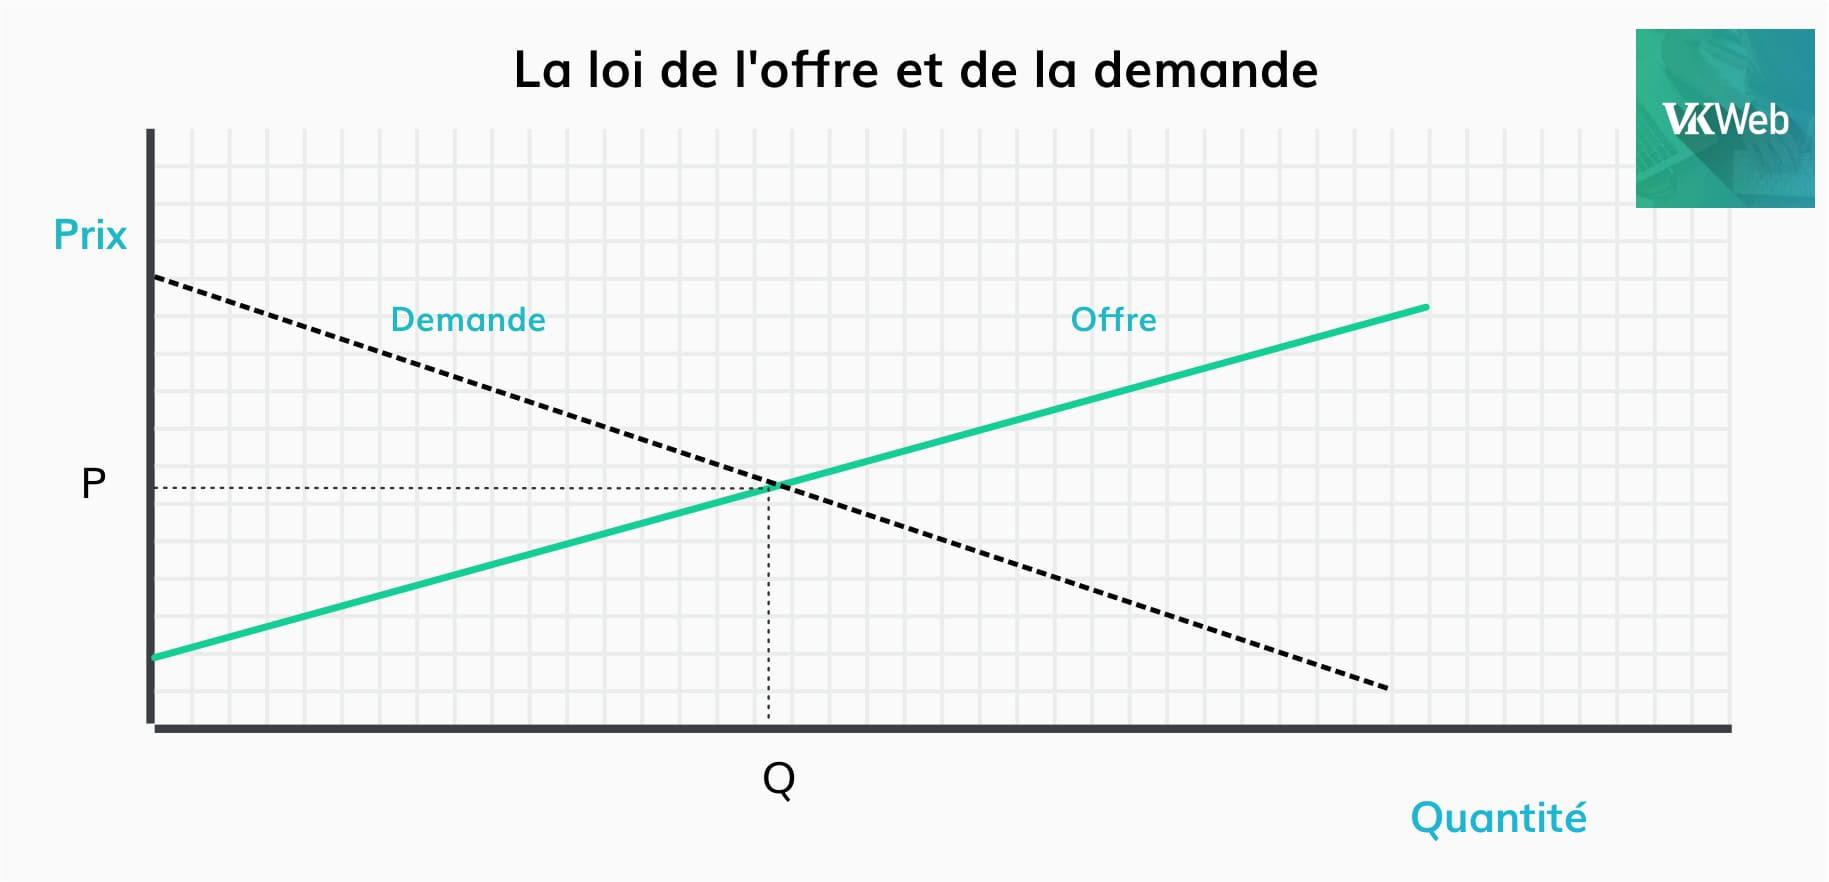 Image 2. La loi de l'offre et de la demande.jpg